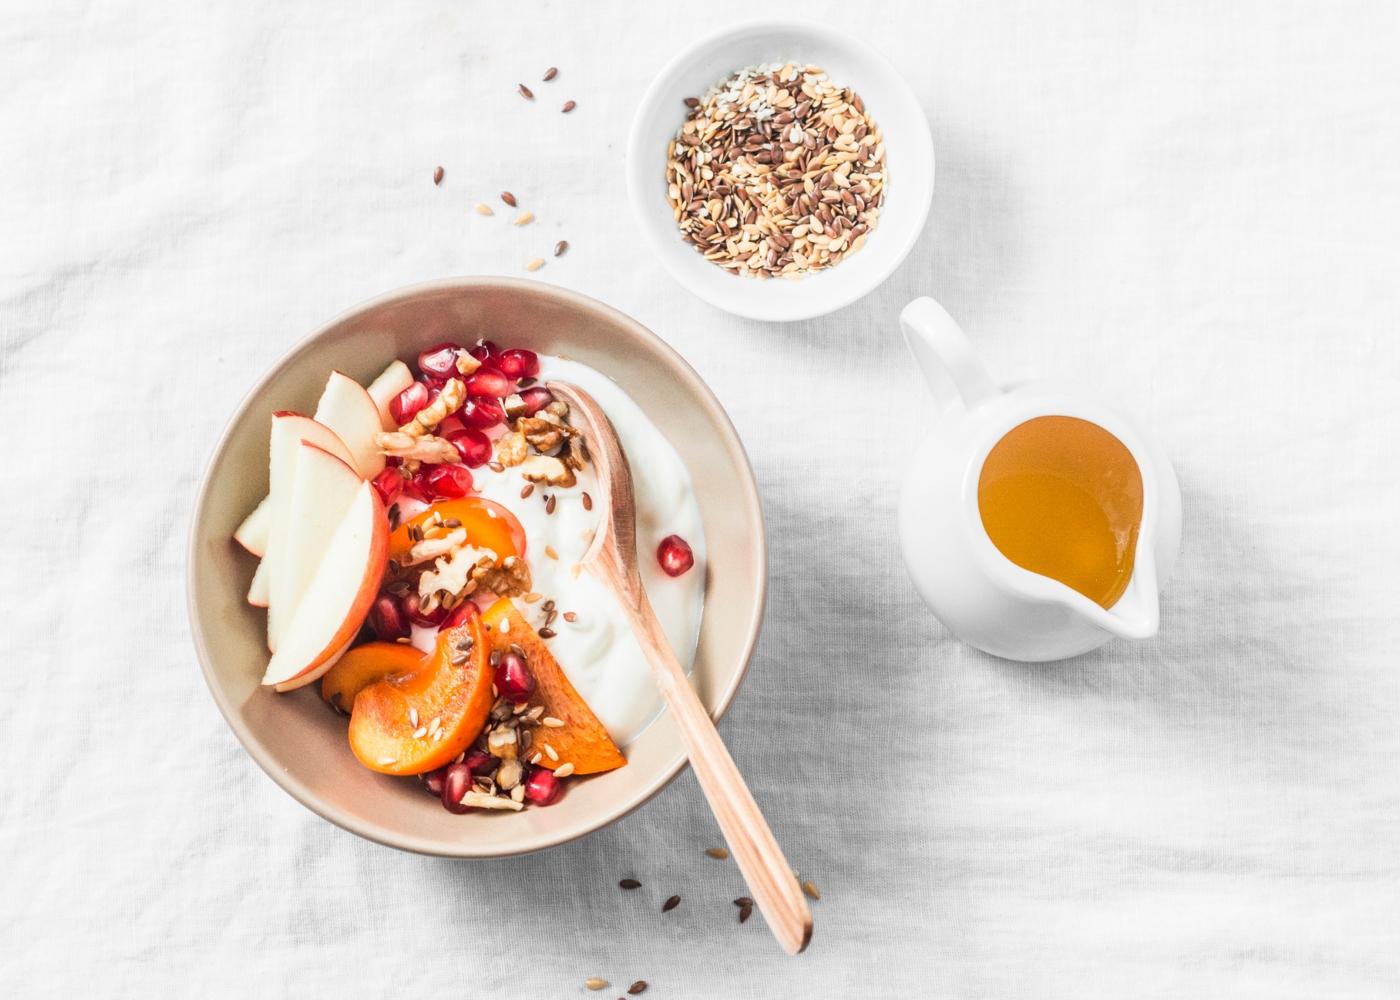 Taça com iogurte, maçã, dióspiro e romã